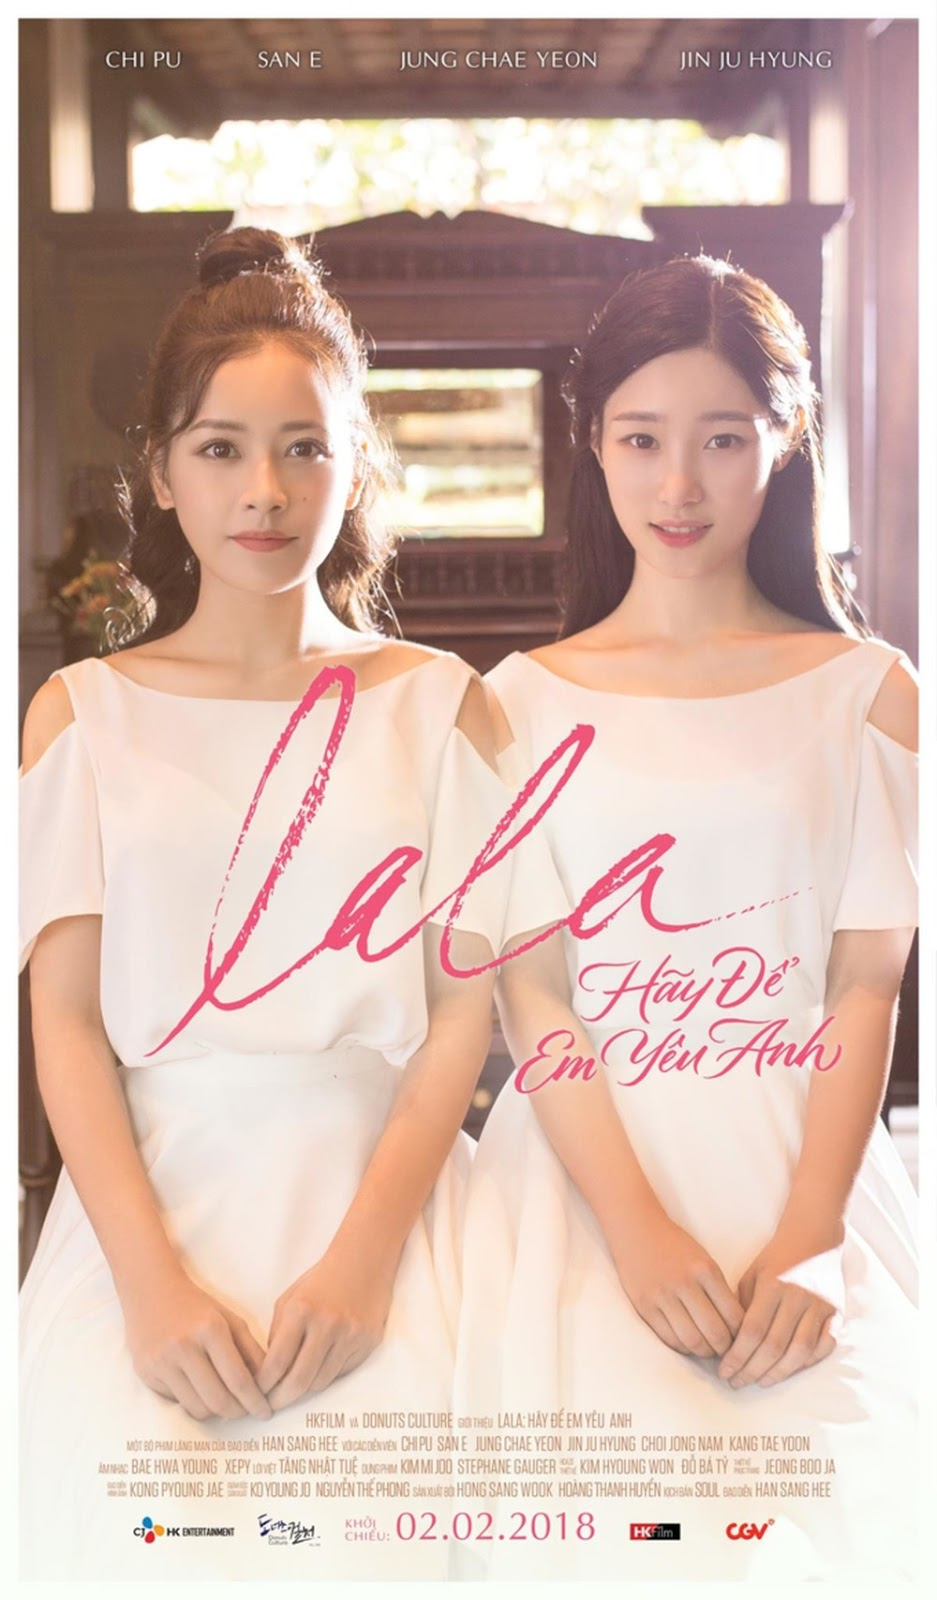 LALA: Hãy Để Em Yêu Anh